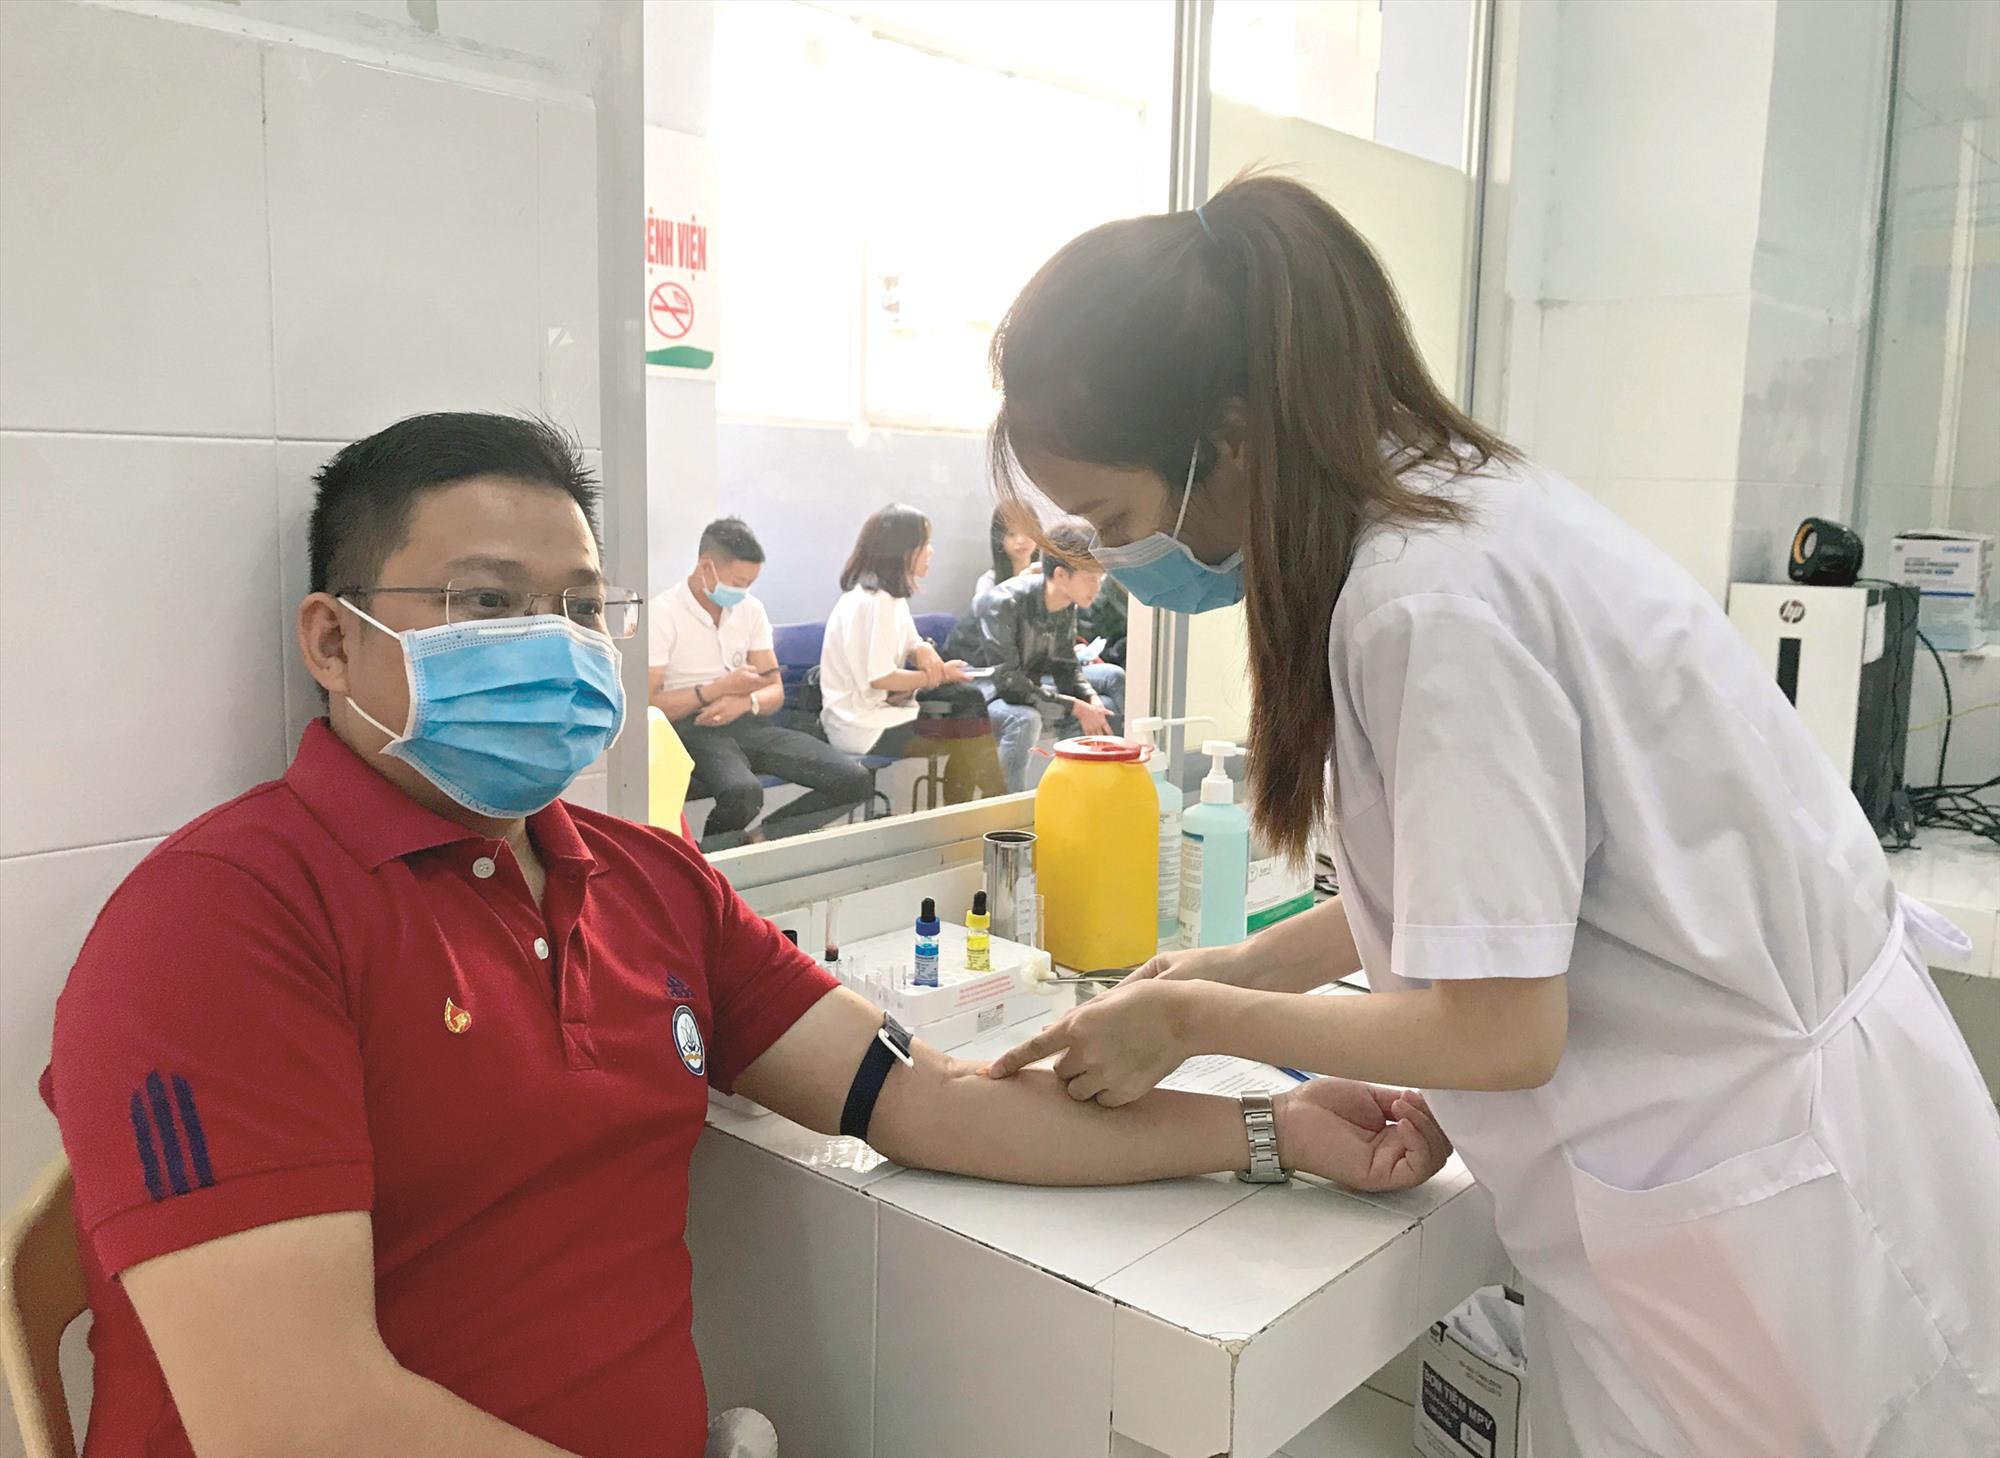 Kiểm tra sức khỏe trước khi hiến máu. Ảnh: CHÂU NỮ